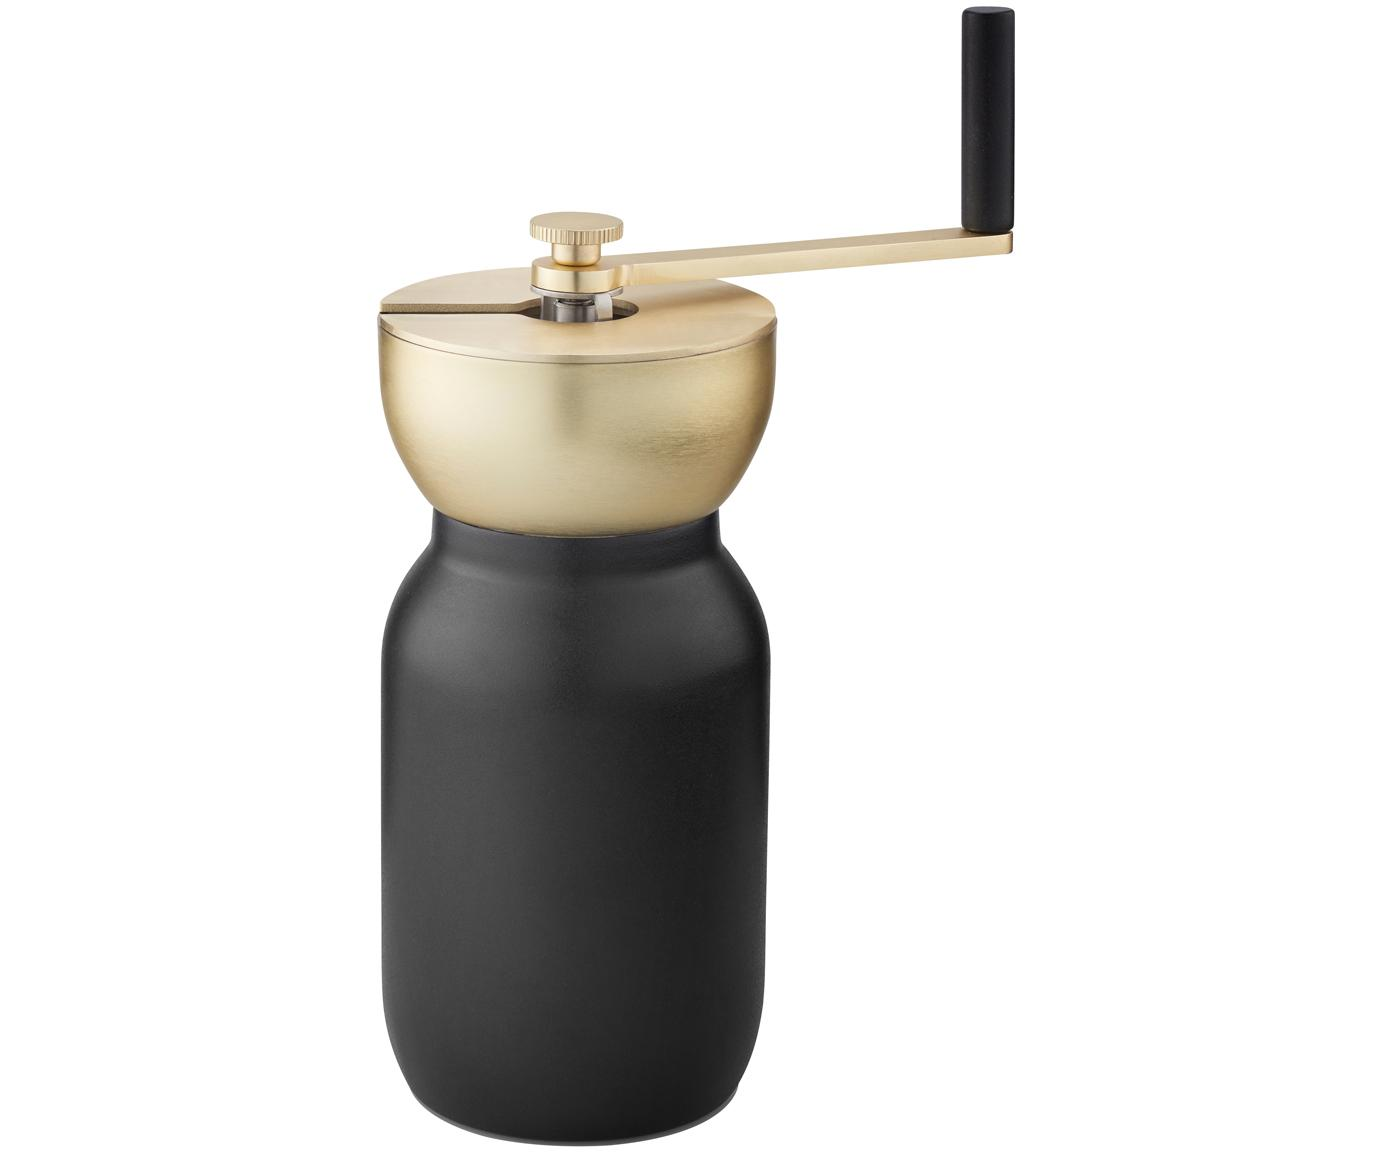 Kaffeemühle Collar in Schwarz/Gold, Edelstahl teflonbeschichtet, Messing, Schwarz, Ø 10 x H 18 cm